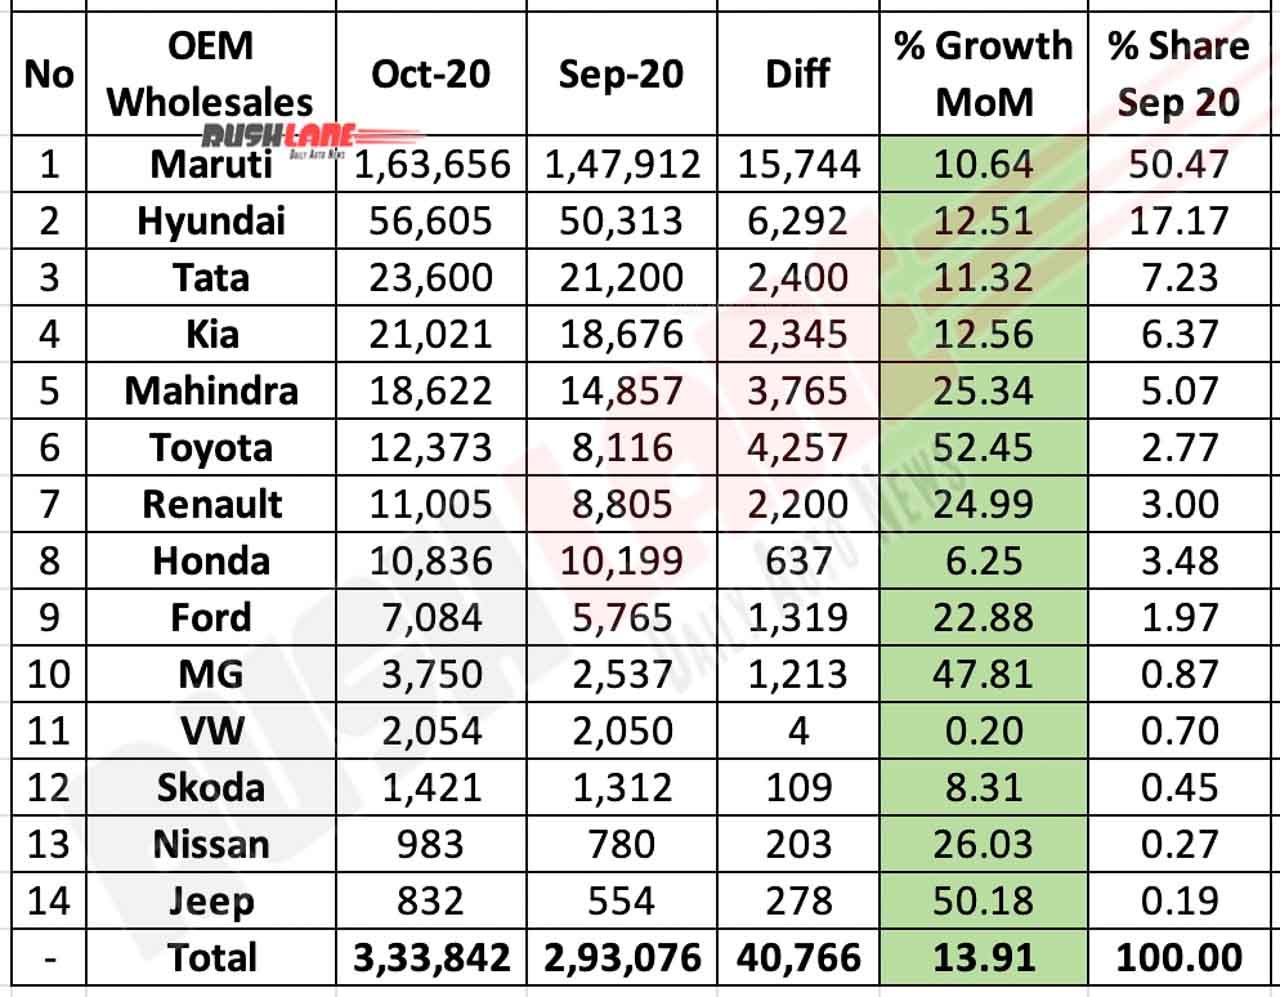 Car Sales Oct 2020 vs Sep 2020